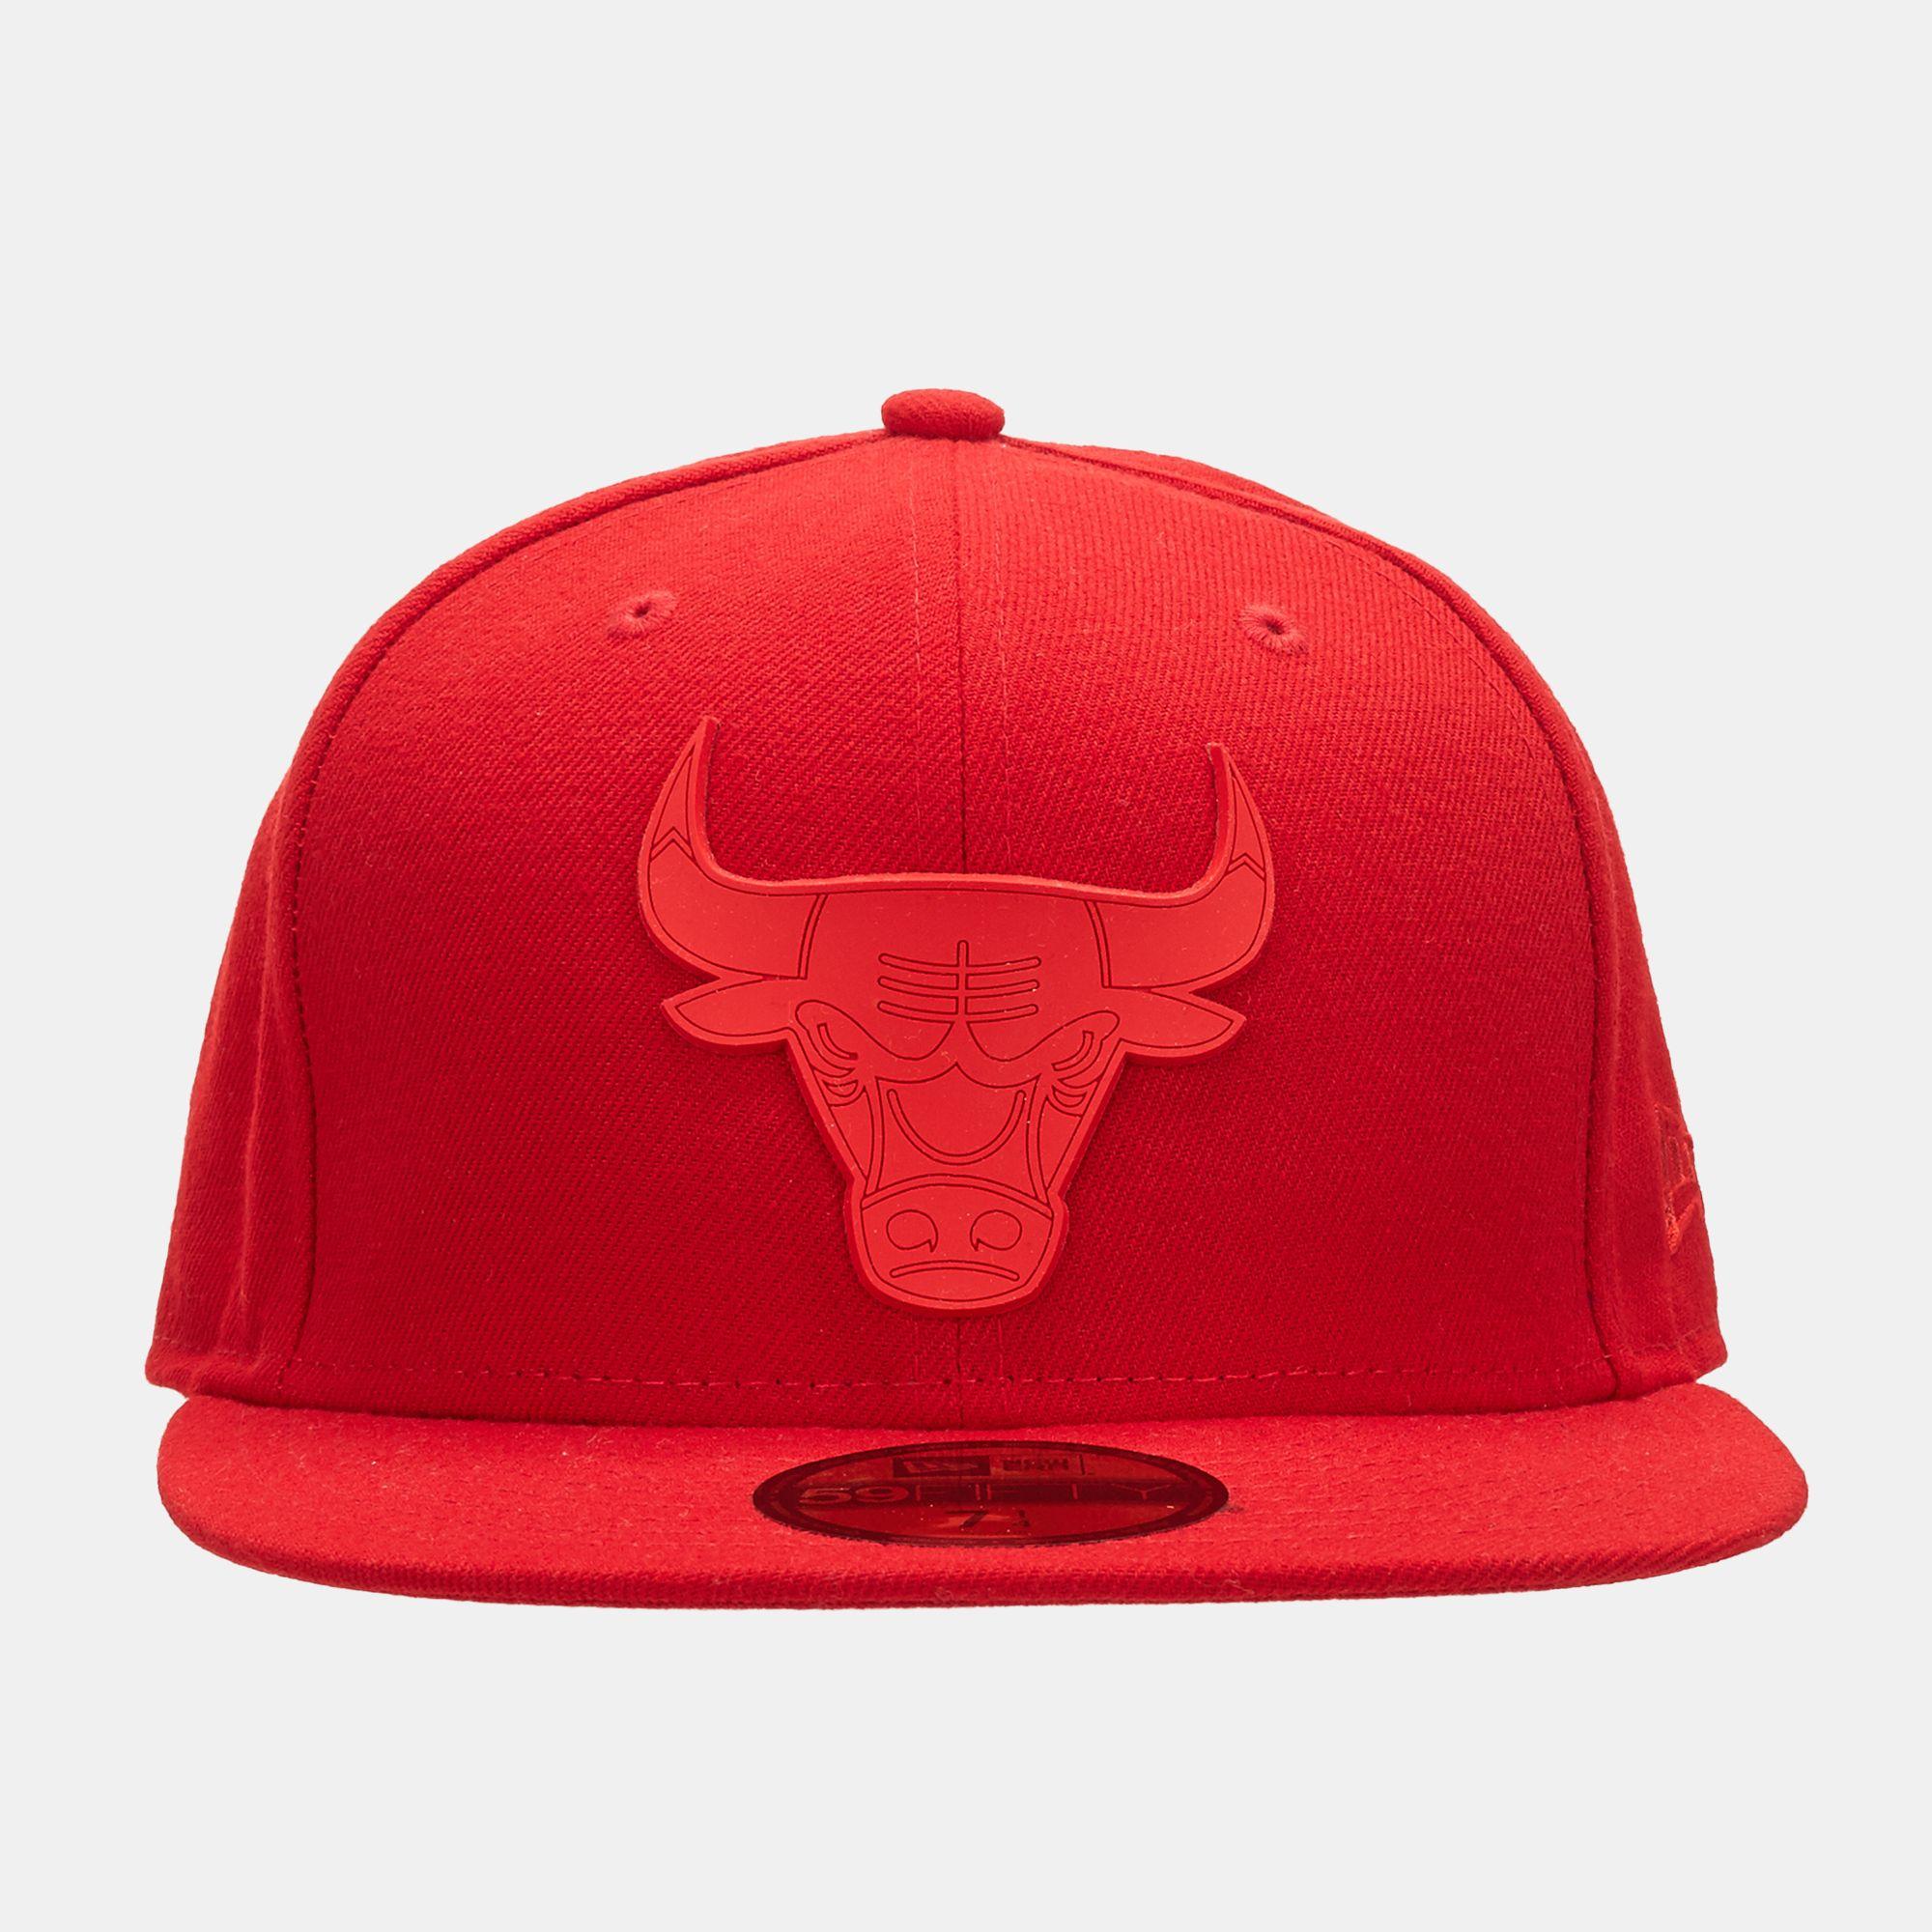 ddfd0d143dee6 ... cheap new era nba rubber logo chicago bulls cap 83560 3bb5c